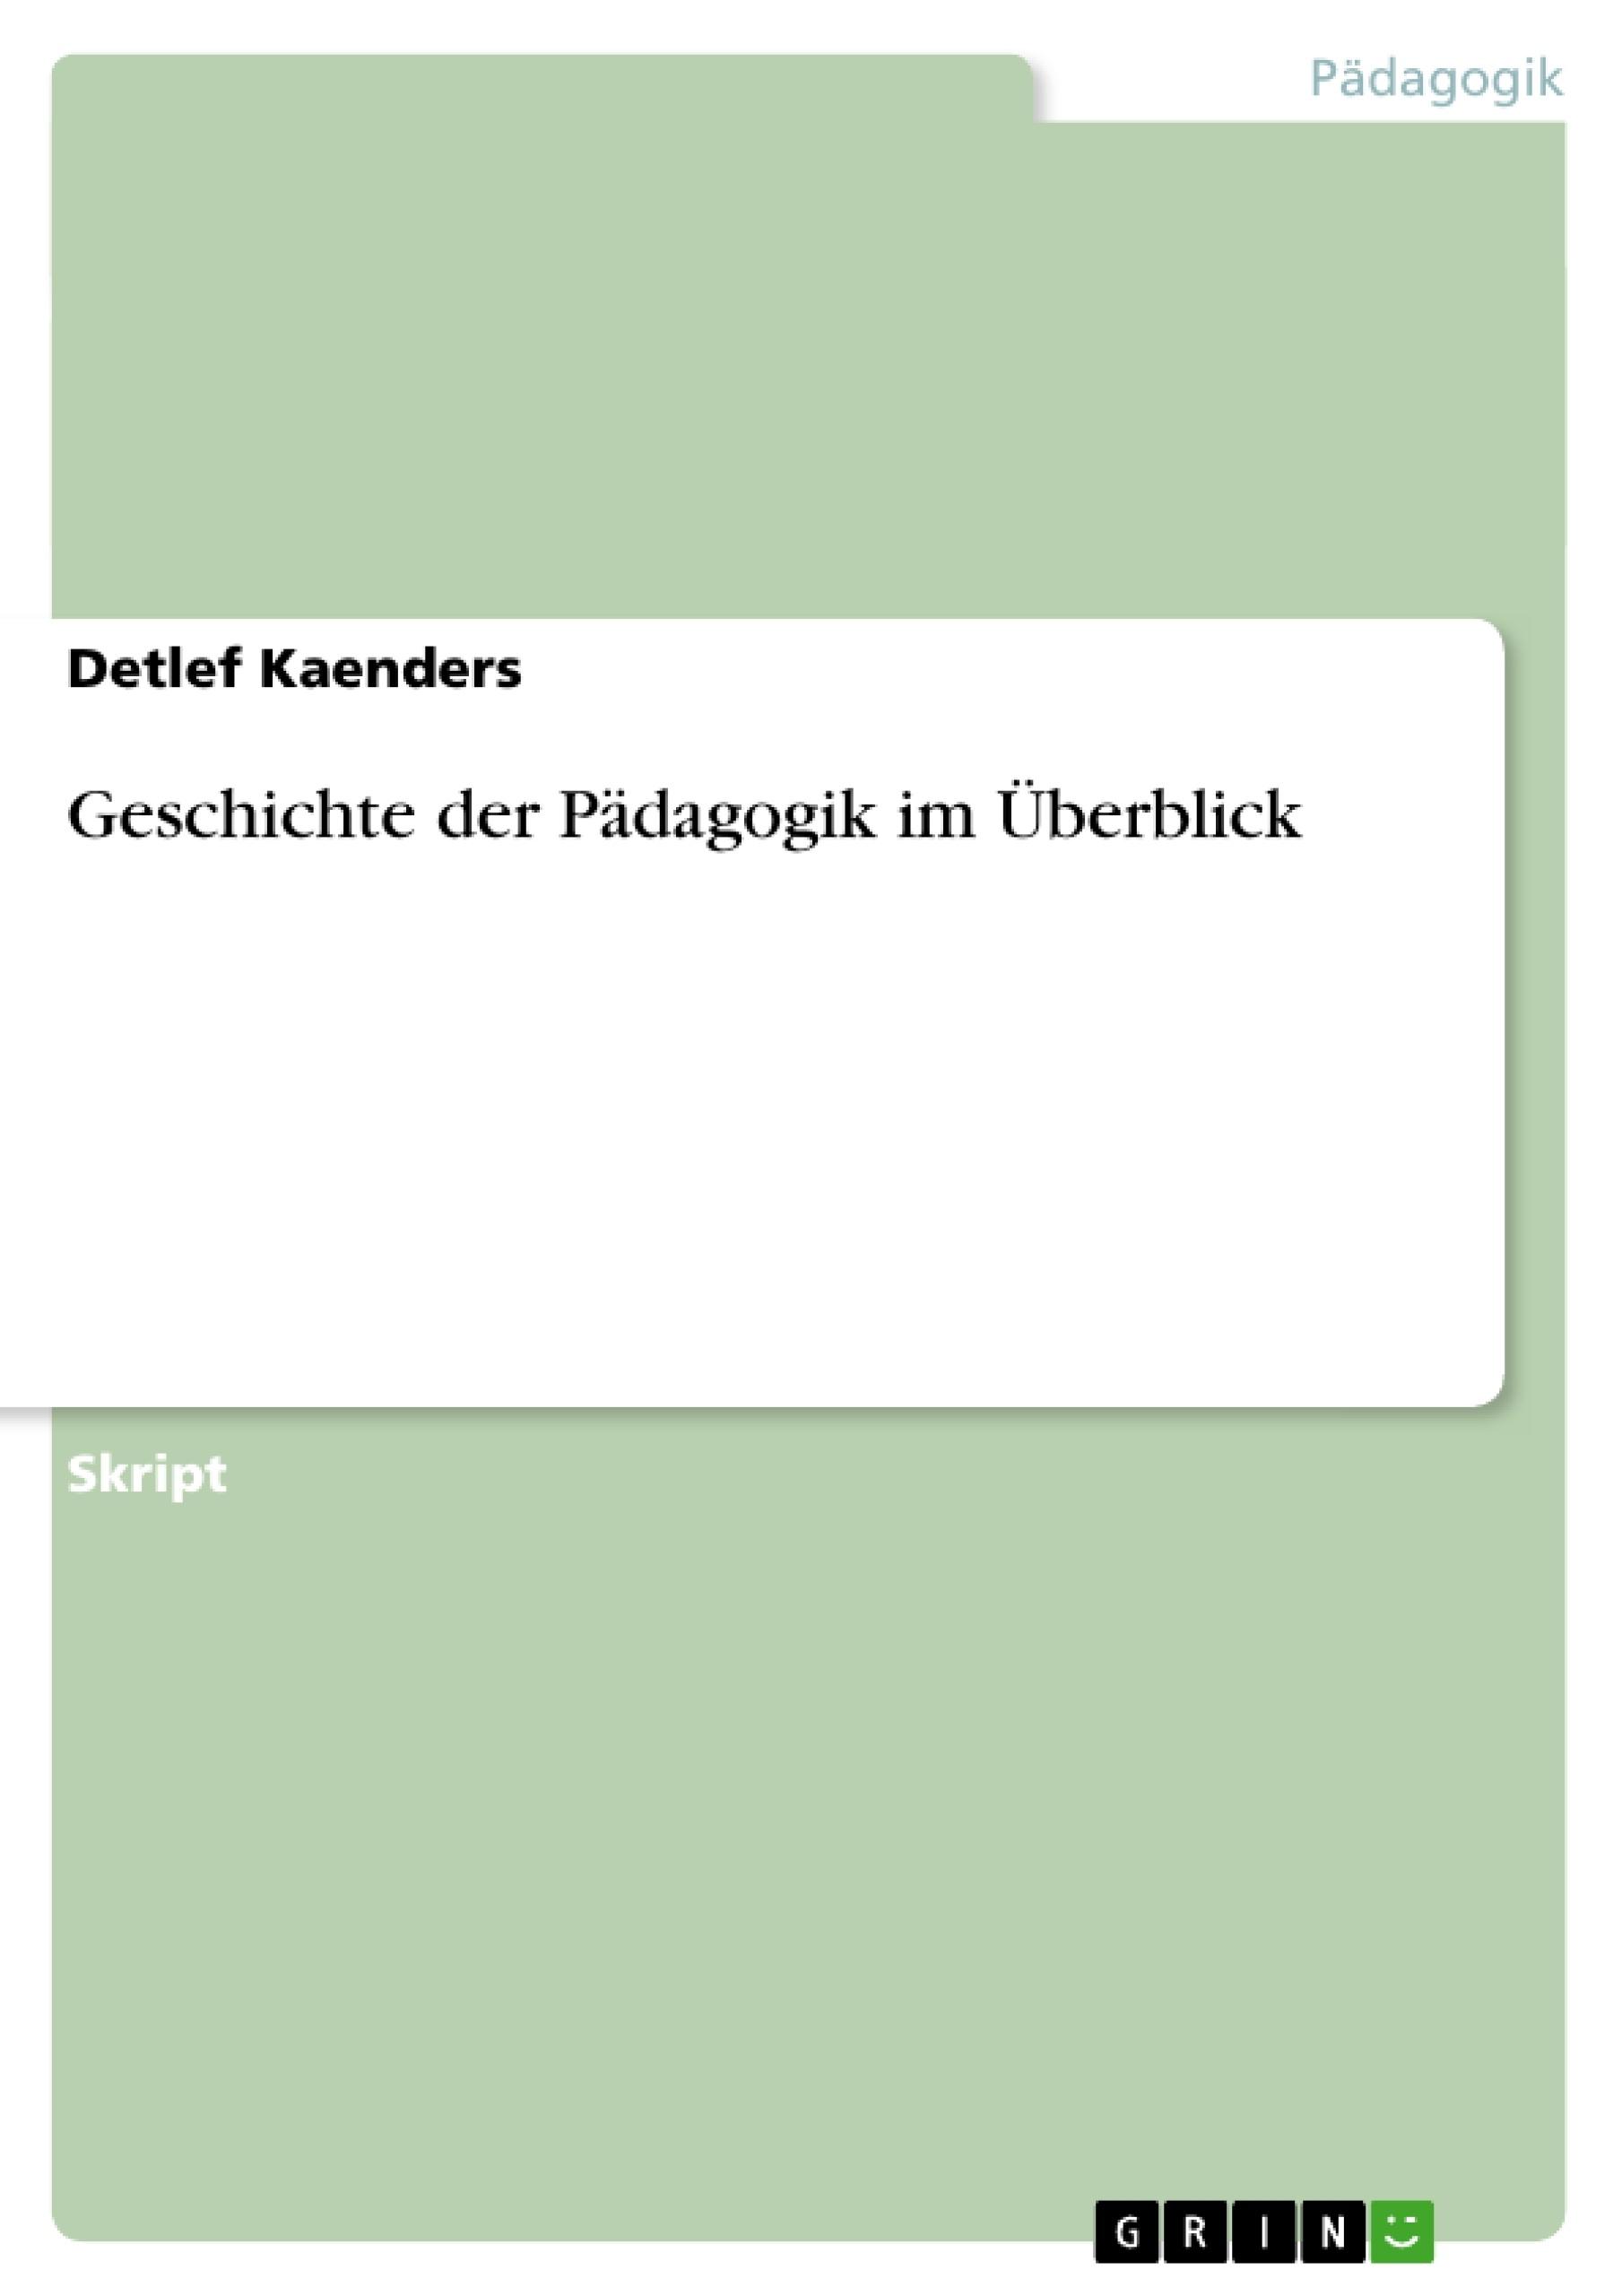 Titel: Geschichte der Pädagogik im Überblick